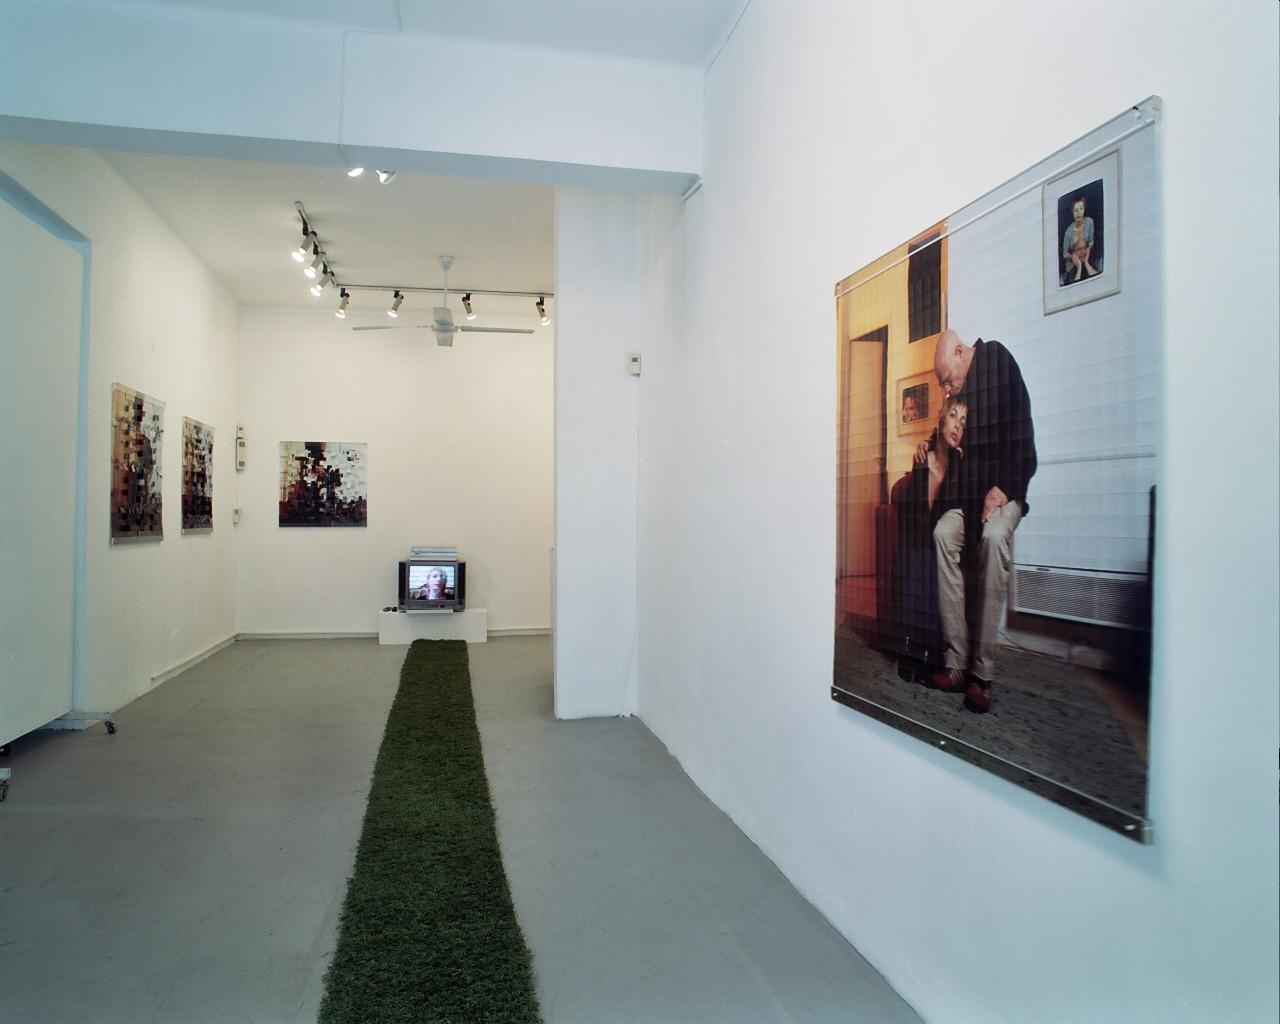 מהתערוכה -היופי שלי השכל שלך 2.jpg